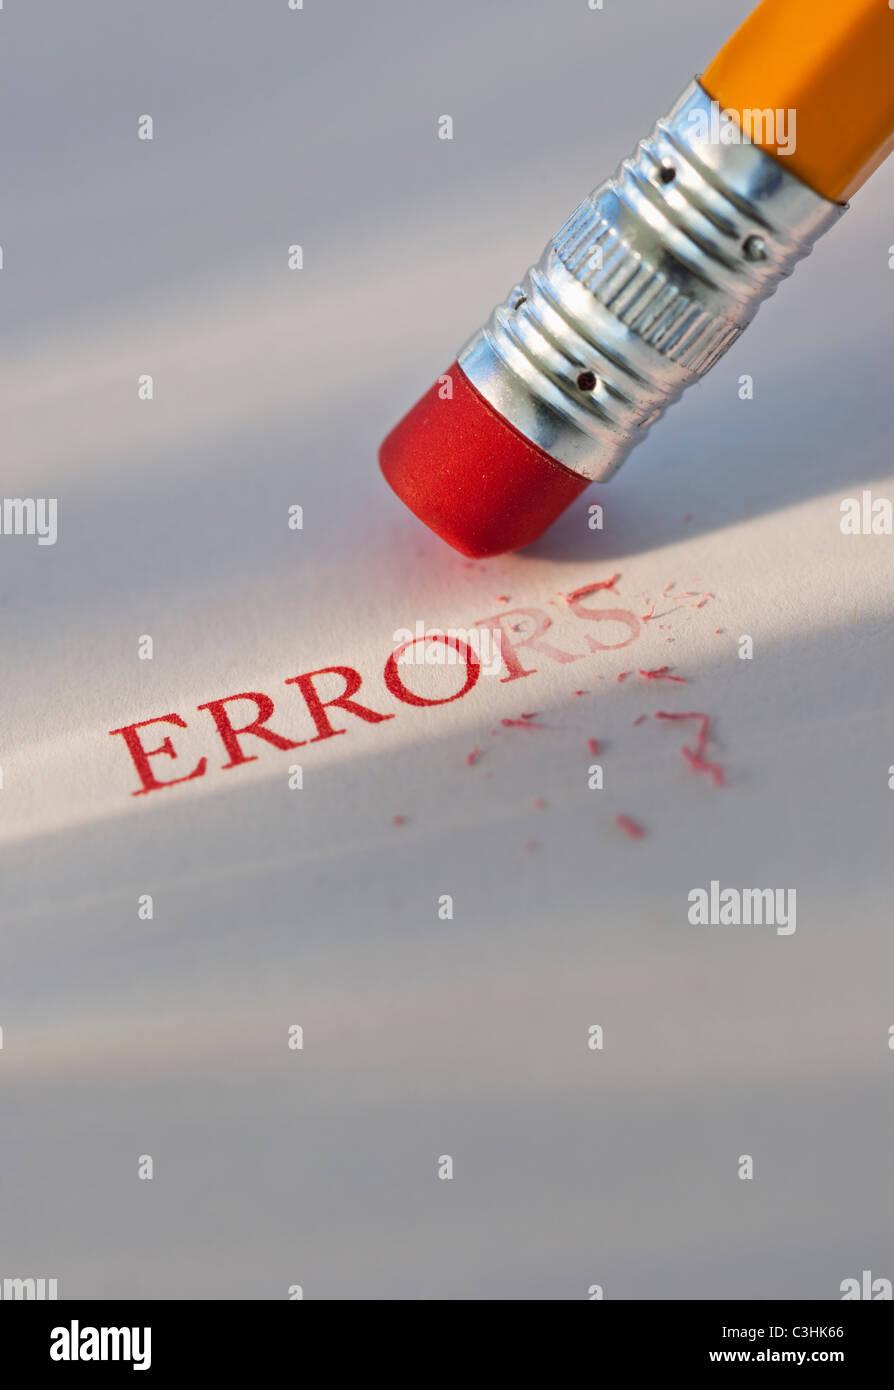 Studioaufnahme Stift löschen den Word-Fehler aus Papier Stockbild